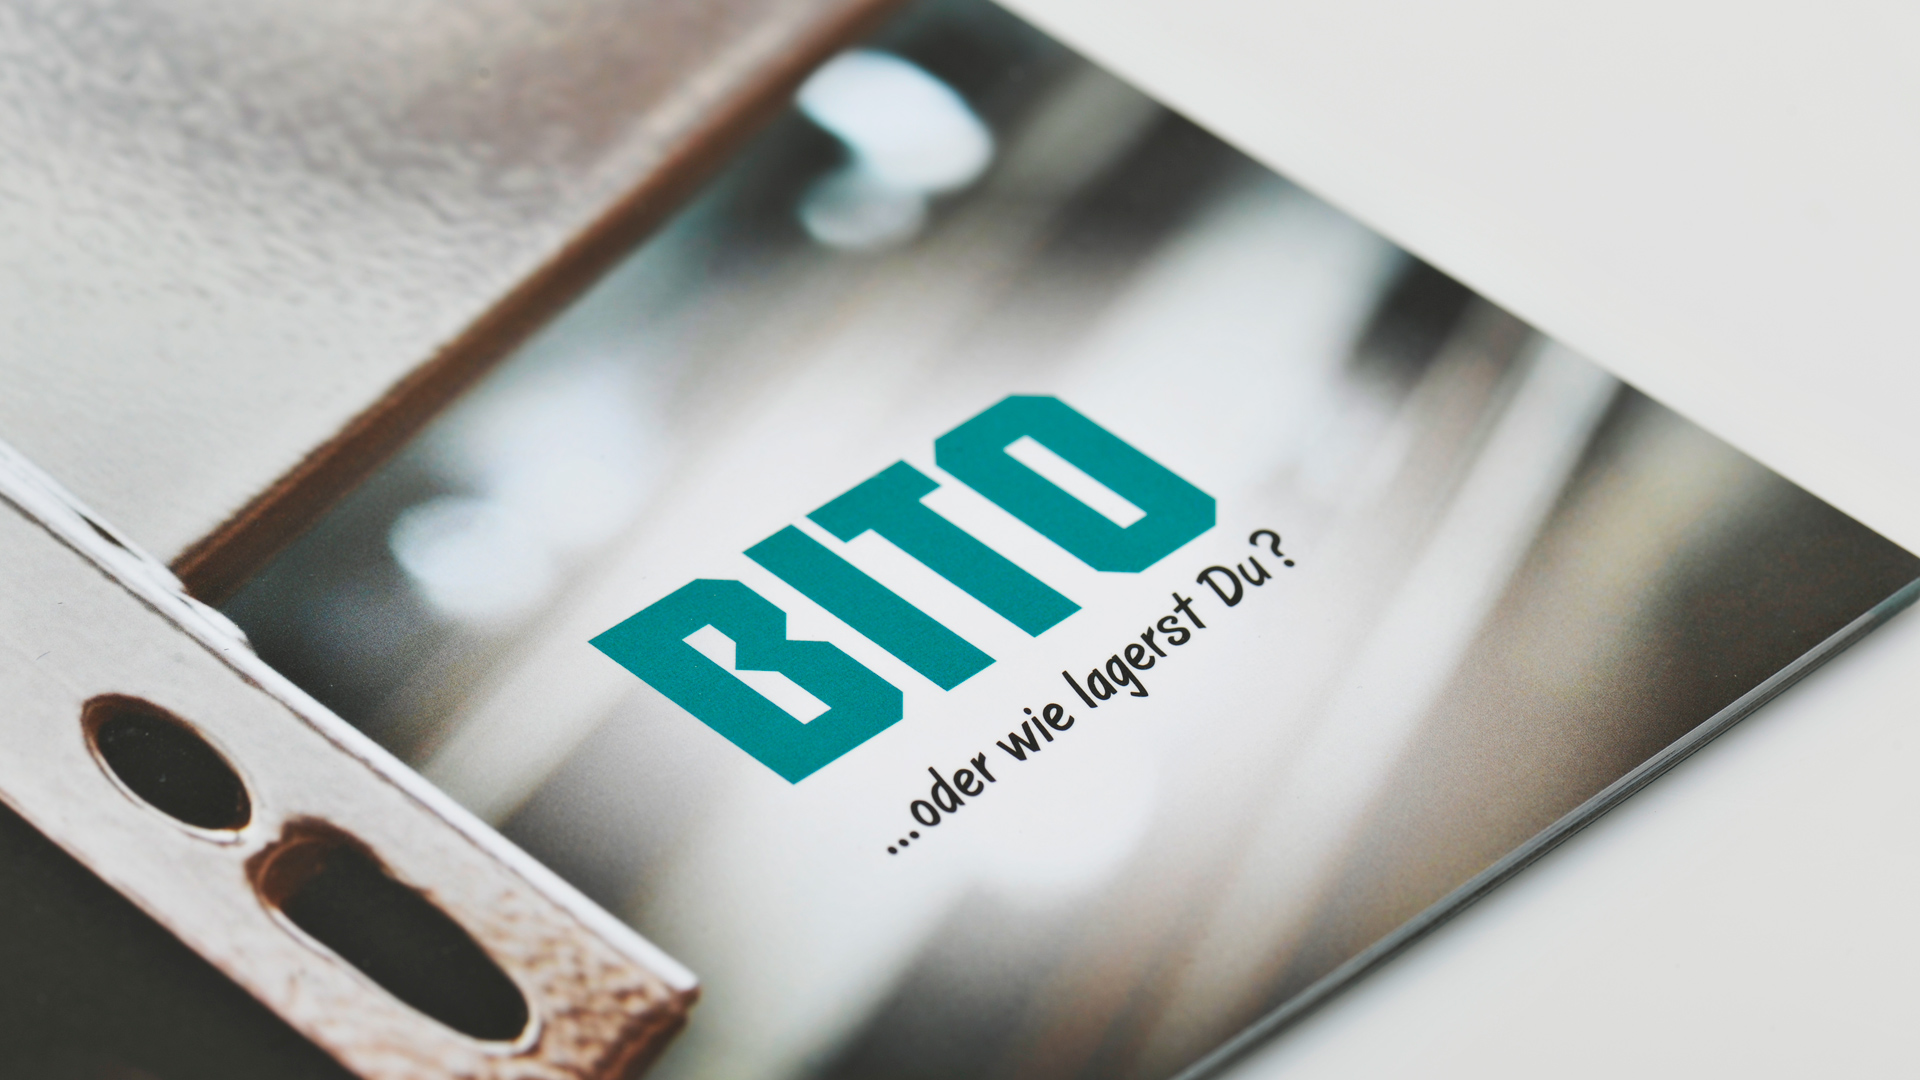 BITO_1